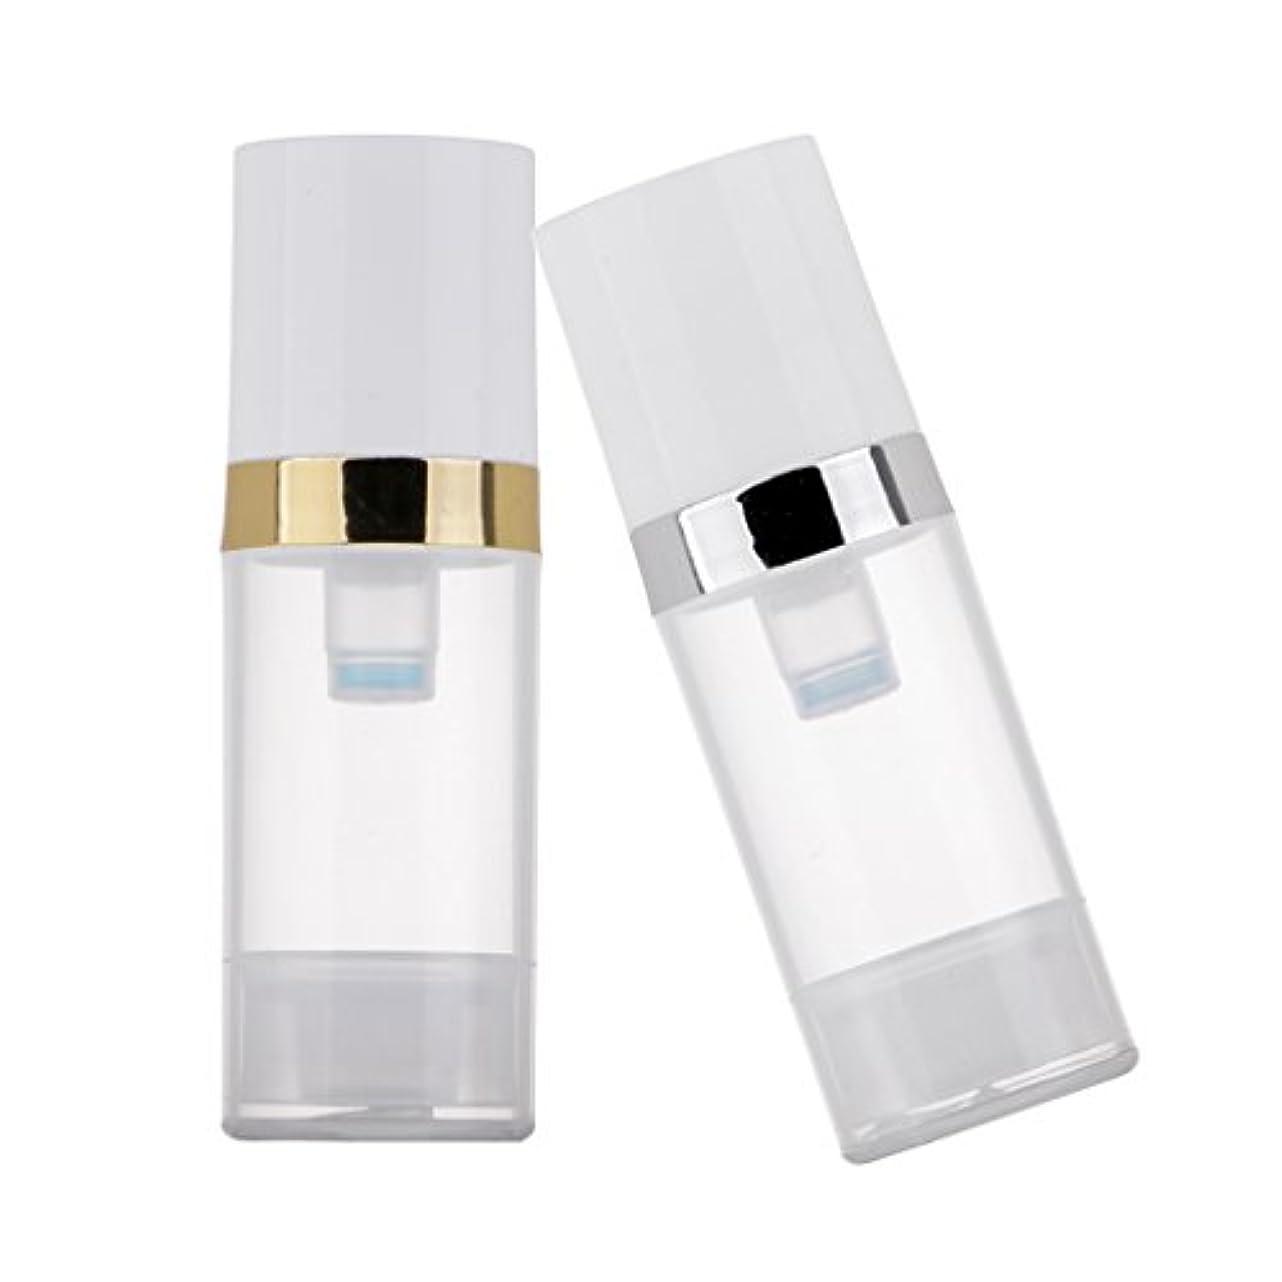 未使用瞑想するフライト2個 ポンプボトル ディスペンサー 10ml クリア 真空 プレスポンプボトル 化粧品 ローション コンテナ 詰め替え可